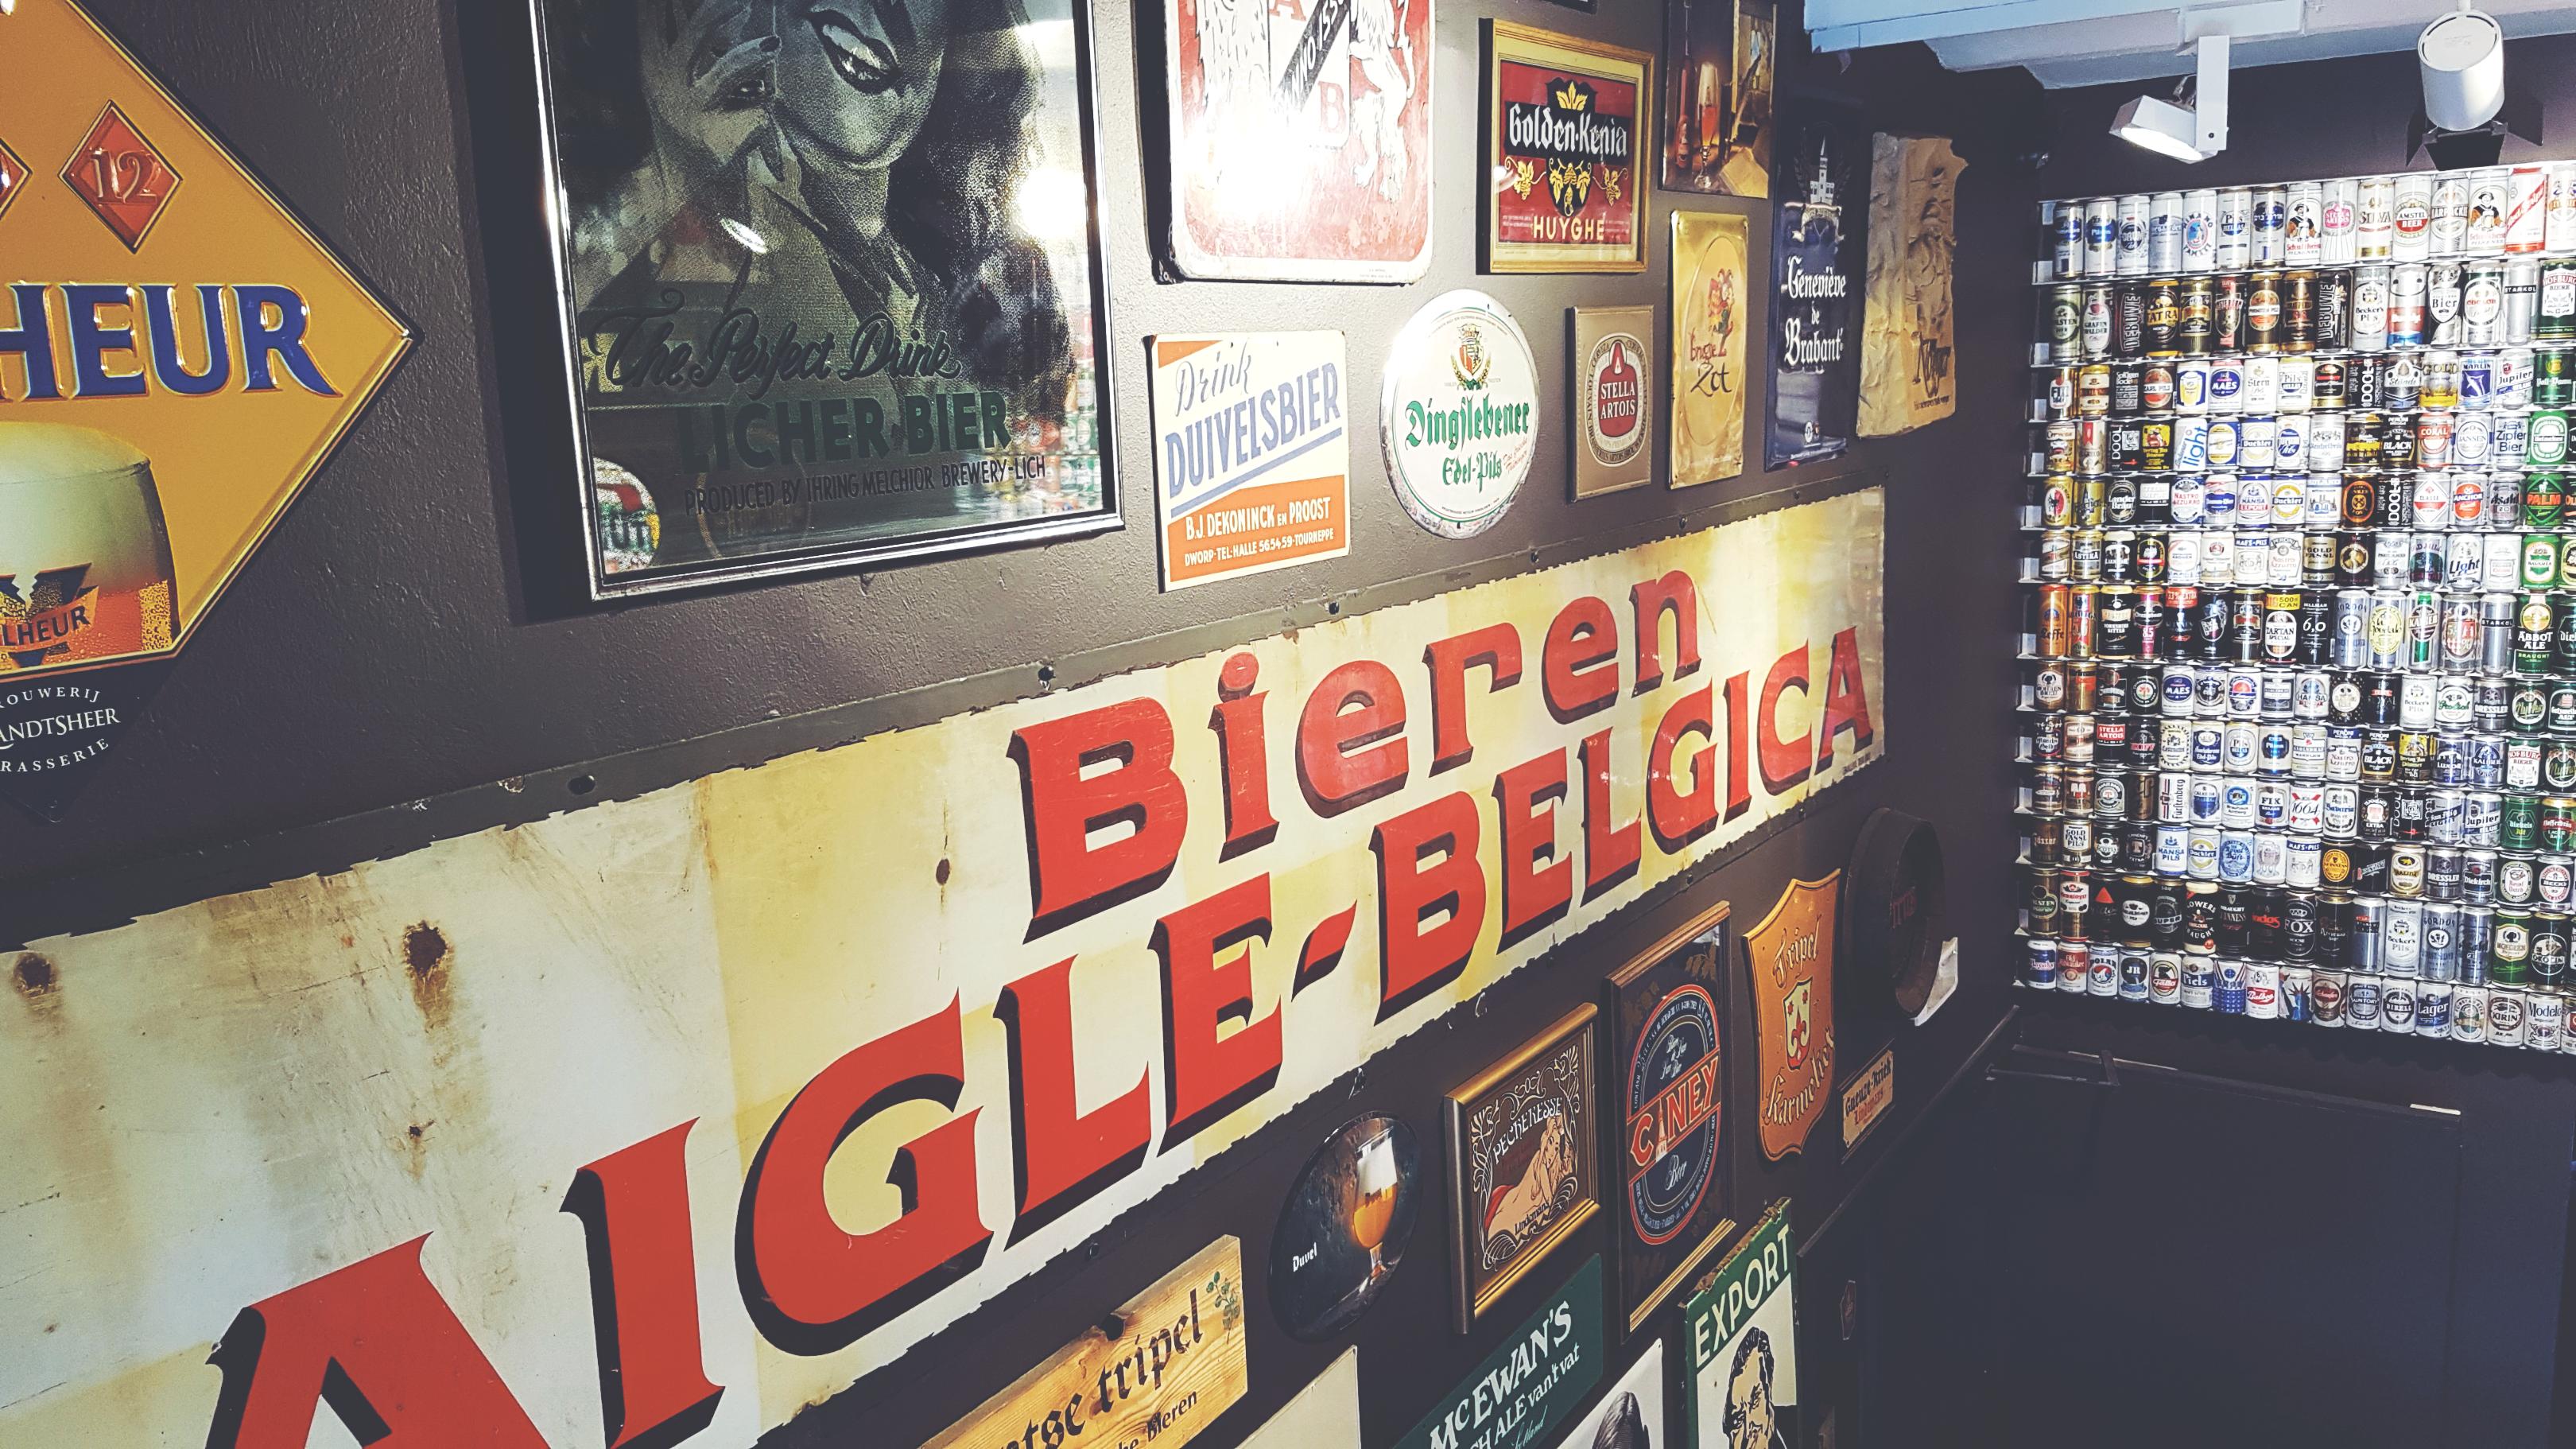 Bruges Beer Experience - Bruges Beer Museum